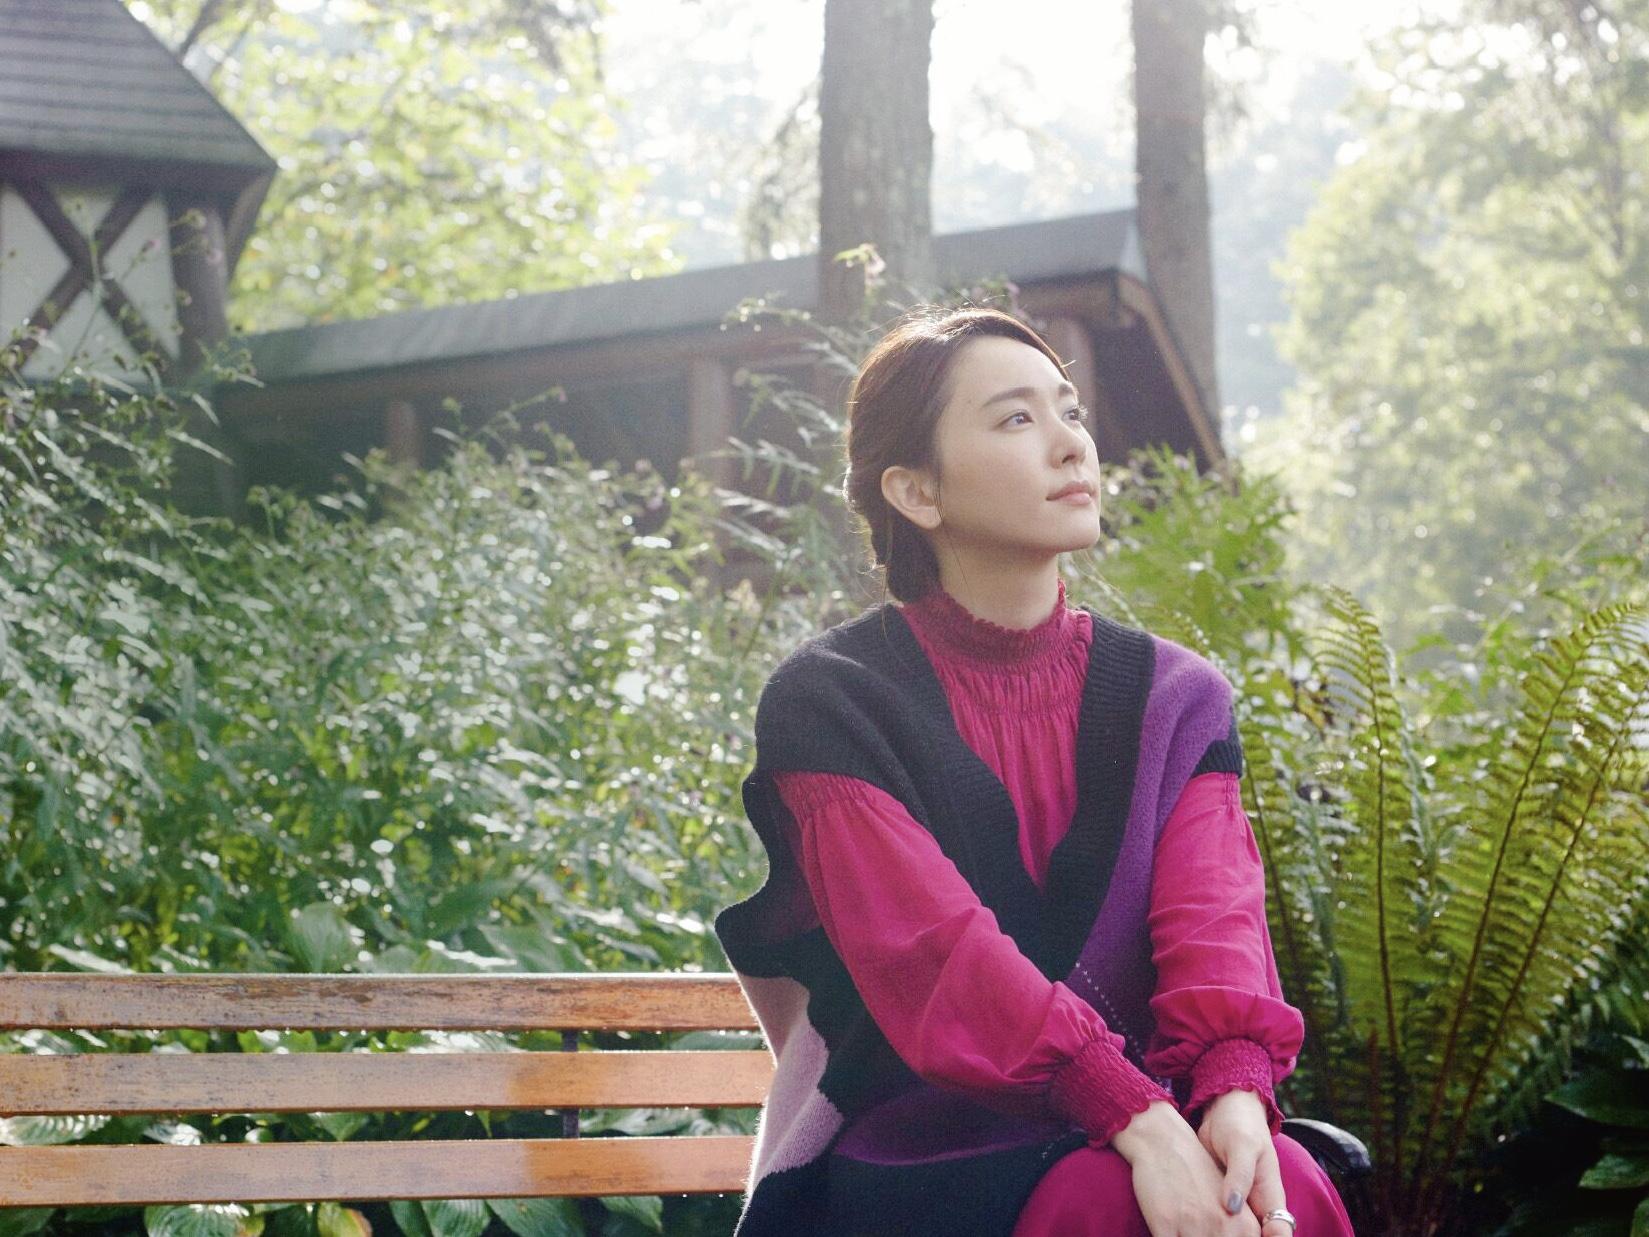 新垣结衣《旅色》秋天的装束在轻井泽的脸上流露出满足的成熟表情。